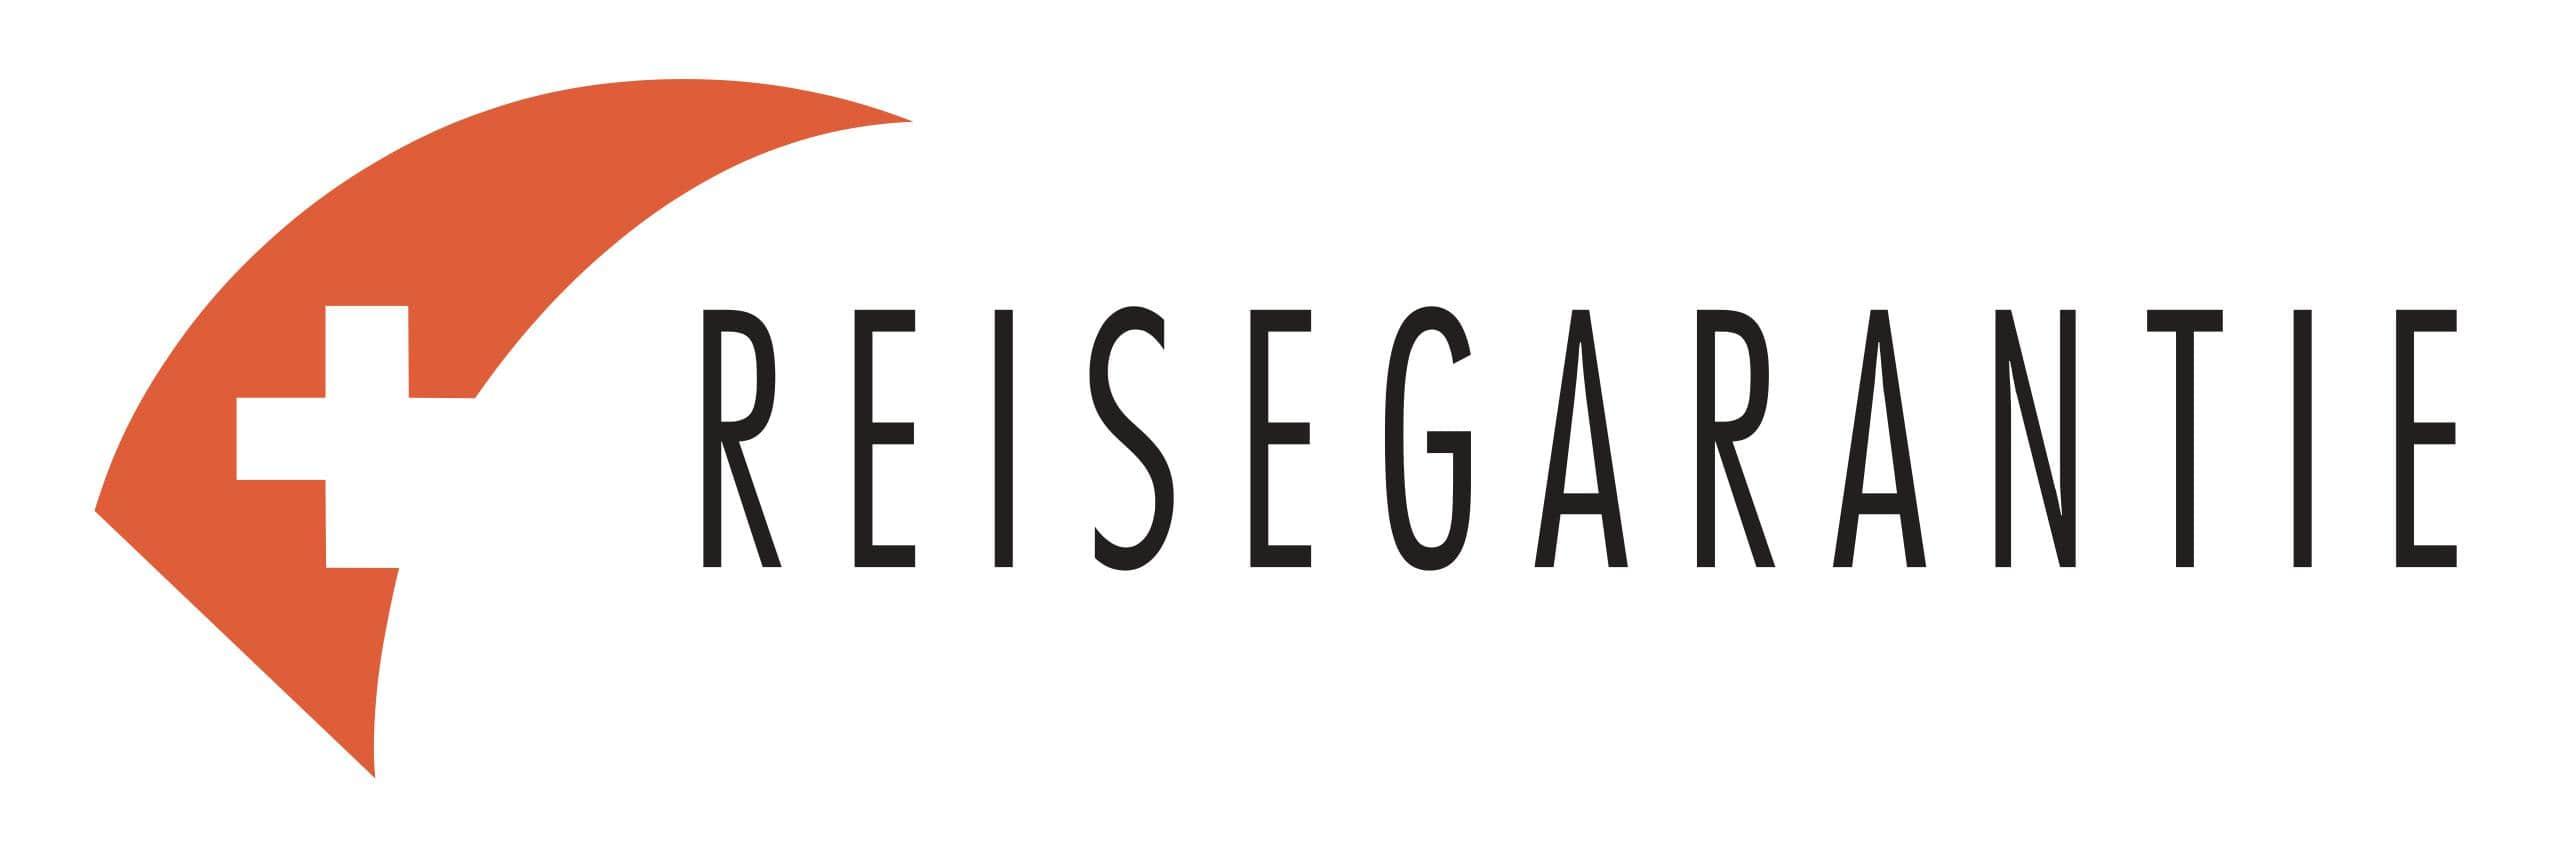 Logo Schweizer Reisegarantie